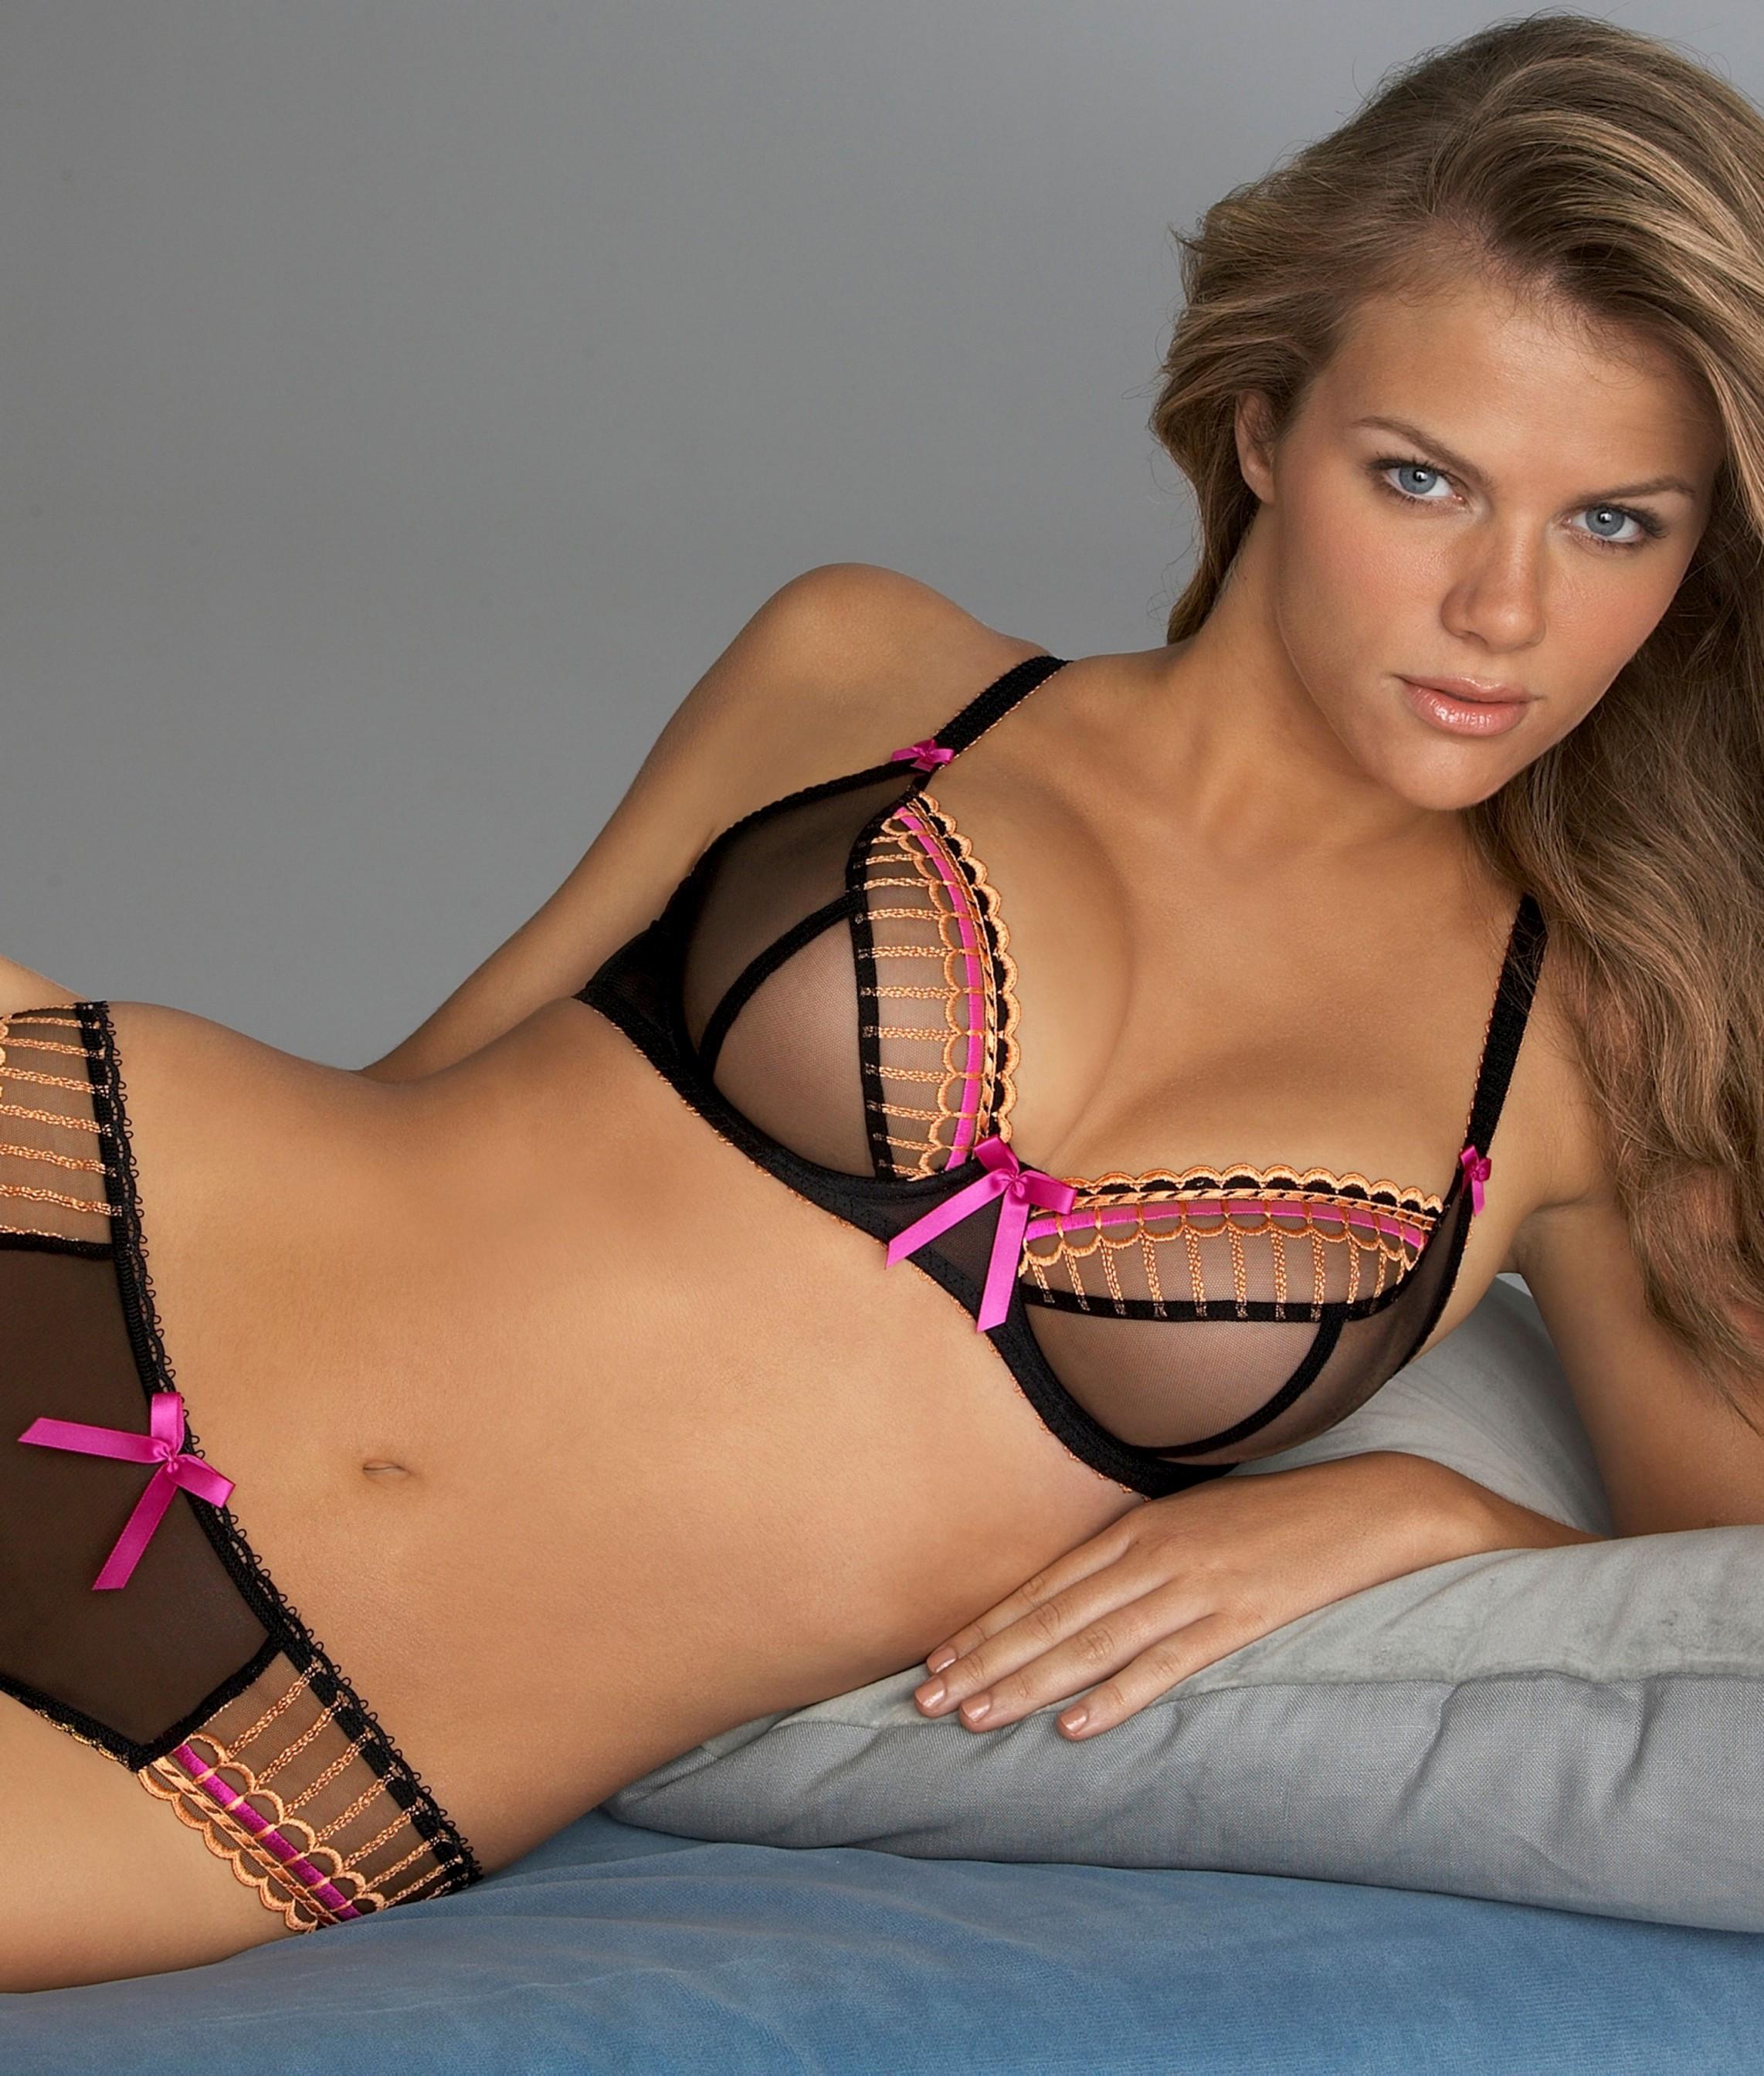 Самые сексеульные звёзды онлайн 16 фотография